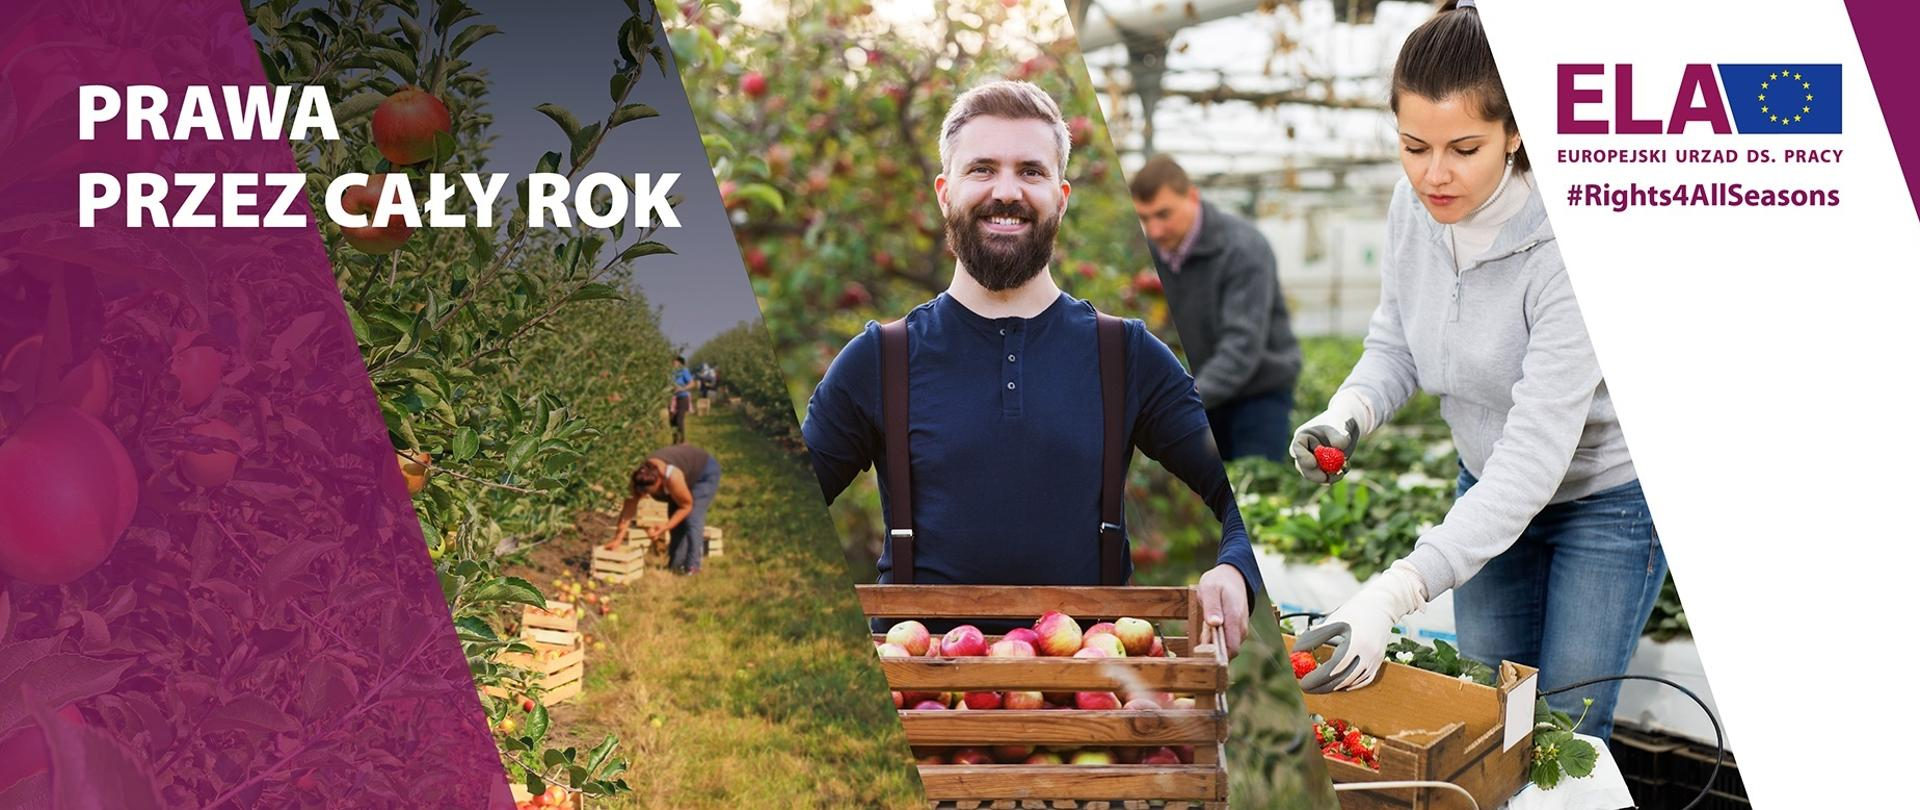 Prawa przez cały rok - kampania informacyjna dla pracowników sezonowych w UE